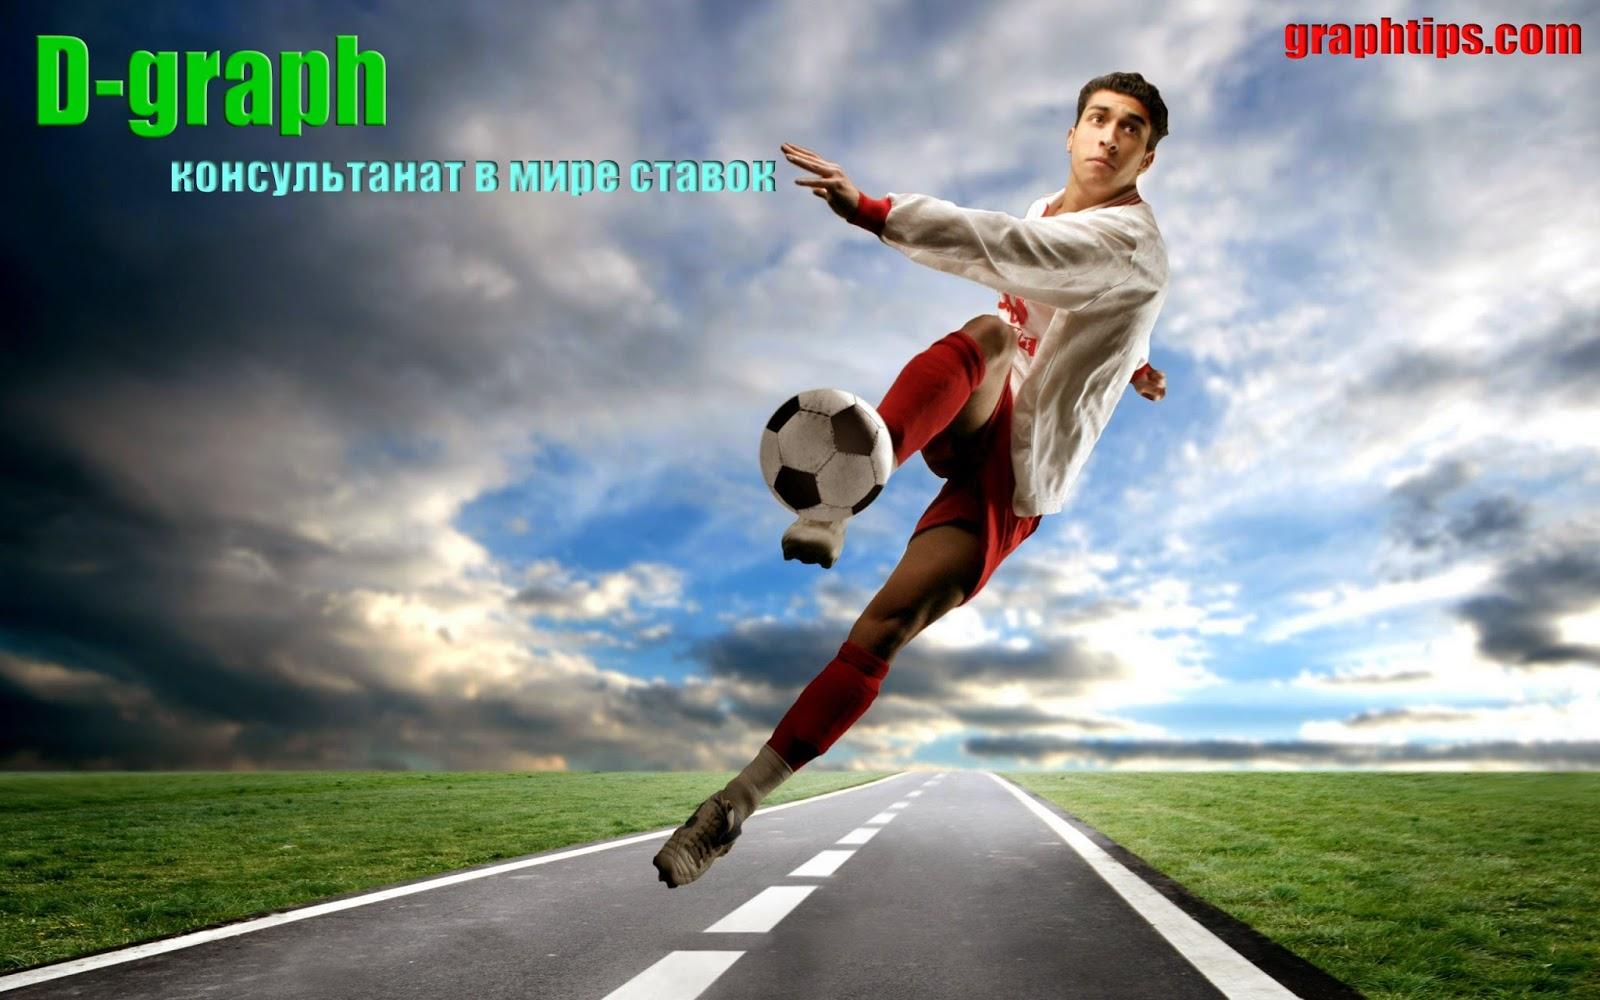 Расписание футбола евро на июля ru Новосибирск дипломная работа инвестиции в экономику и их эффективности в рф достоверная информация о решении транспортной проблемы мкн